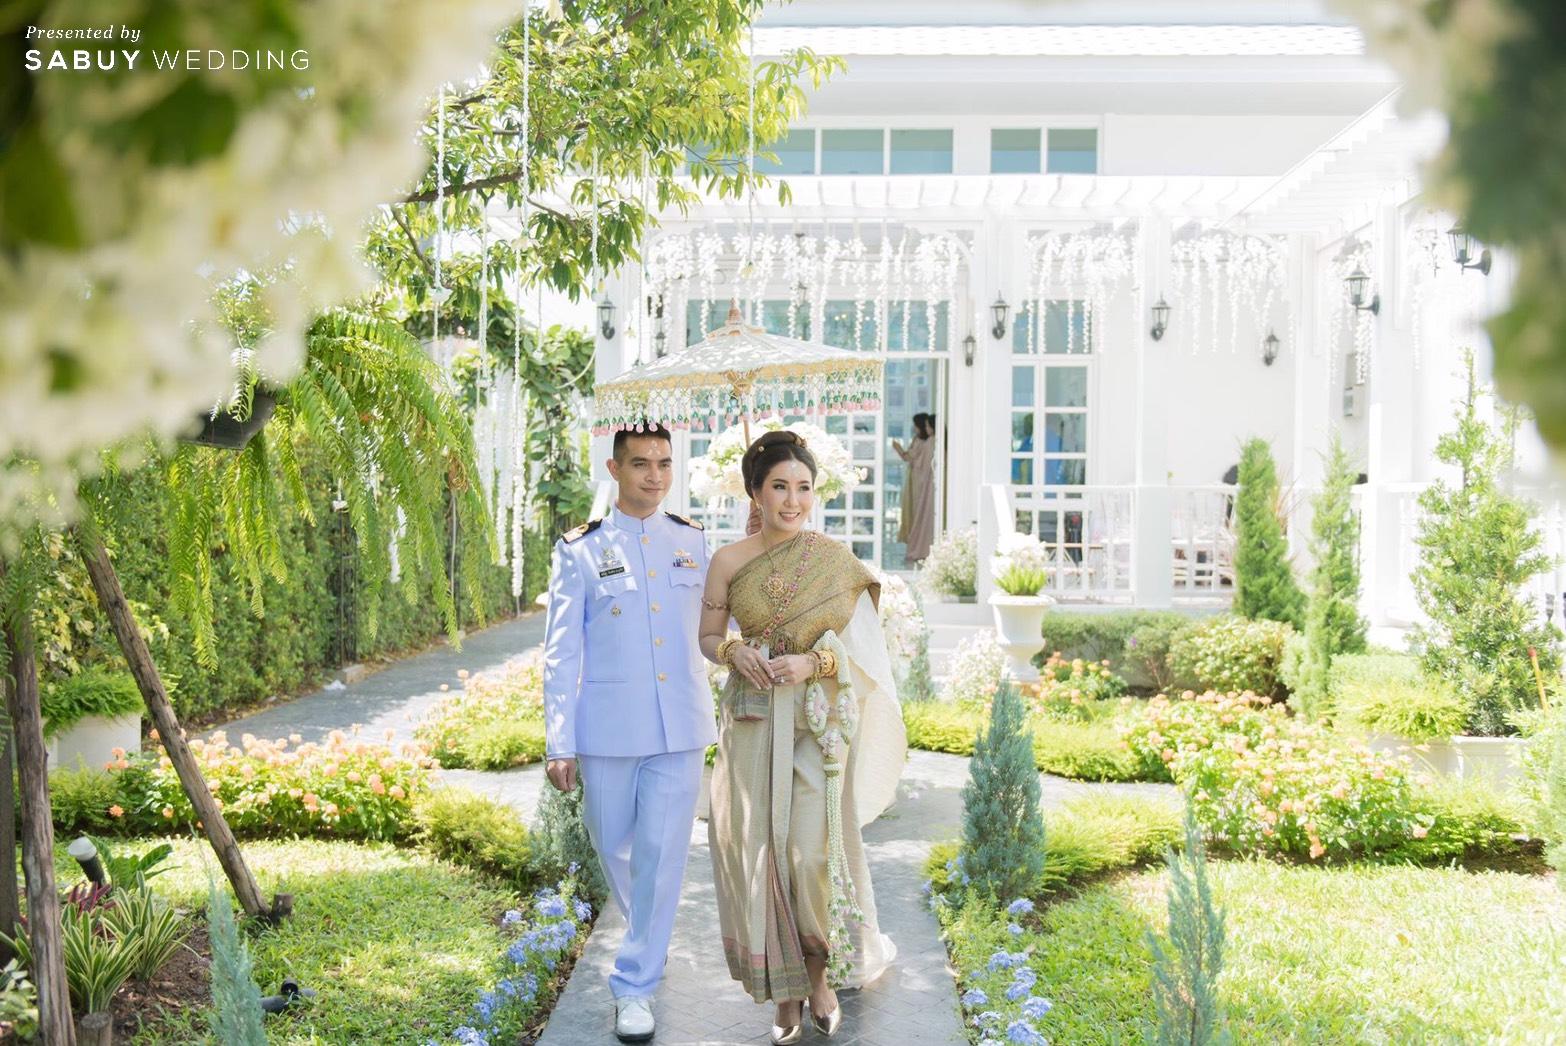 ชุดไทย,ชุดเจ้าสาว,ชุดแต่งงาน รีวิวงานแต่งเสน่ห์ไทย ในสถานที่สไตล์โคโลเนียล @ House of Chandra